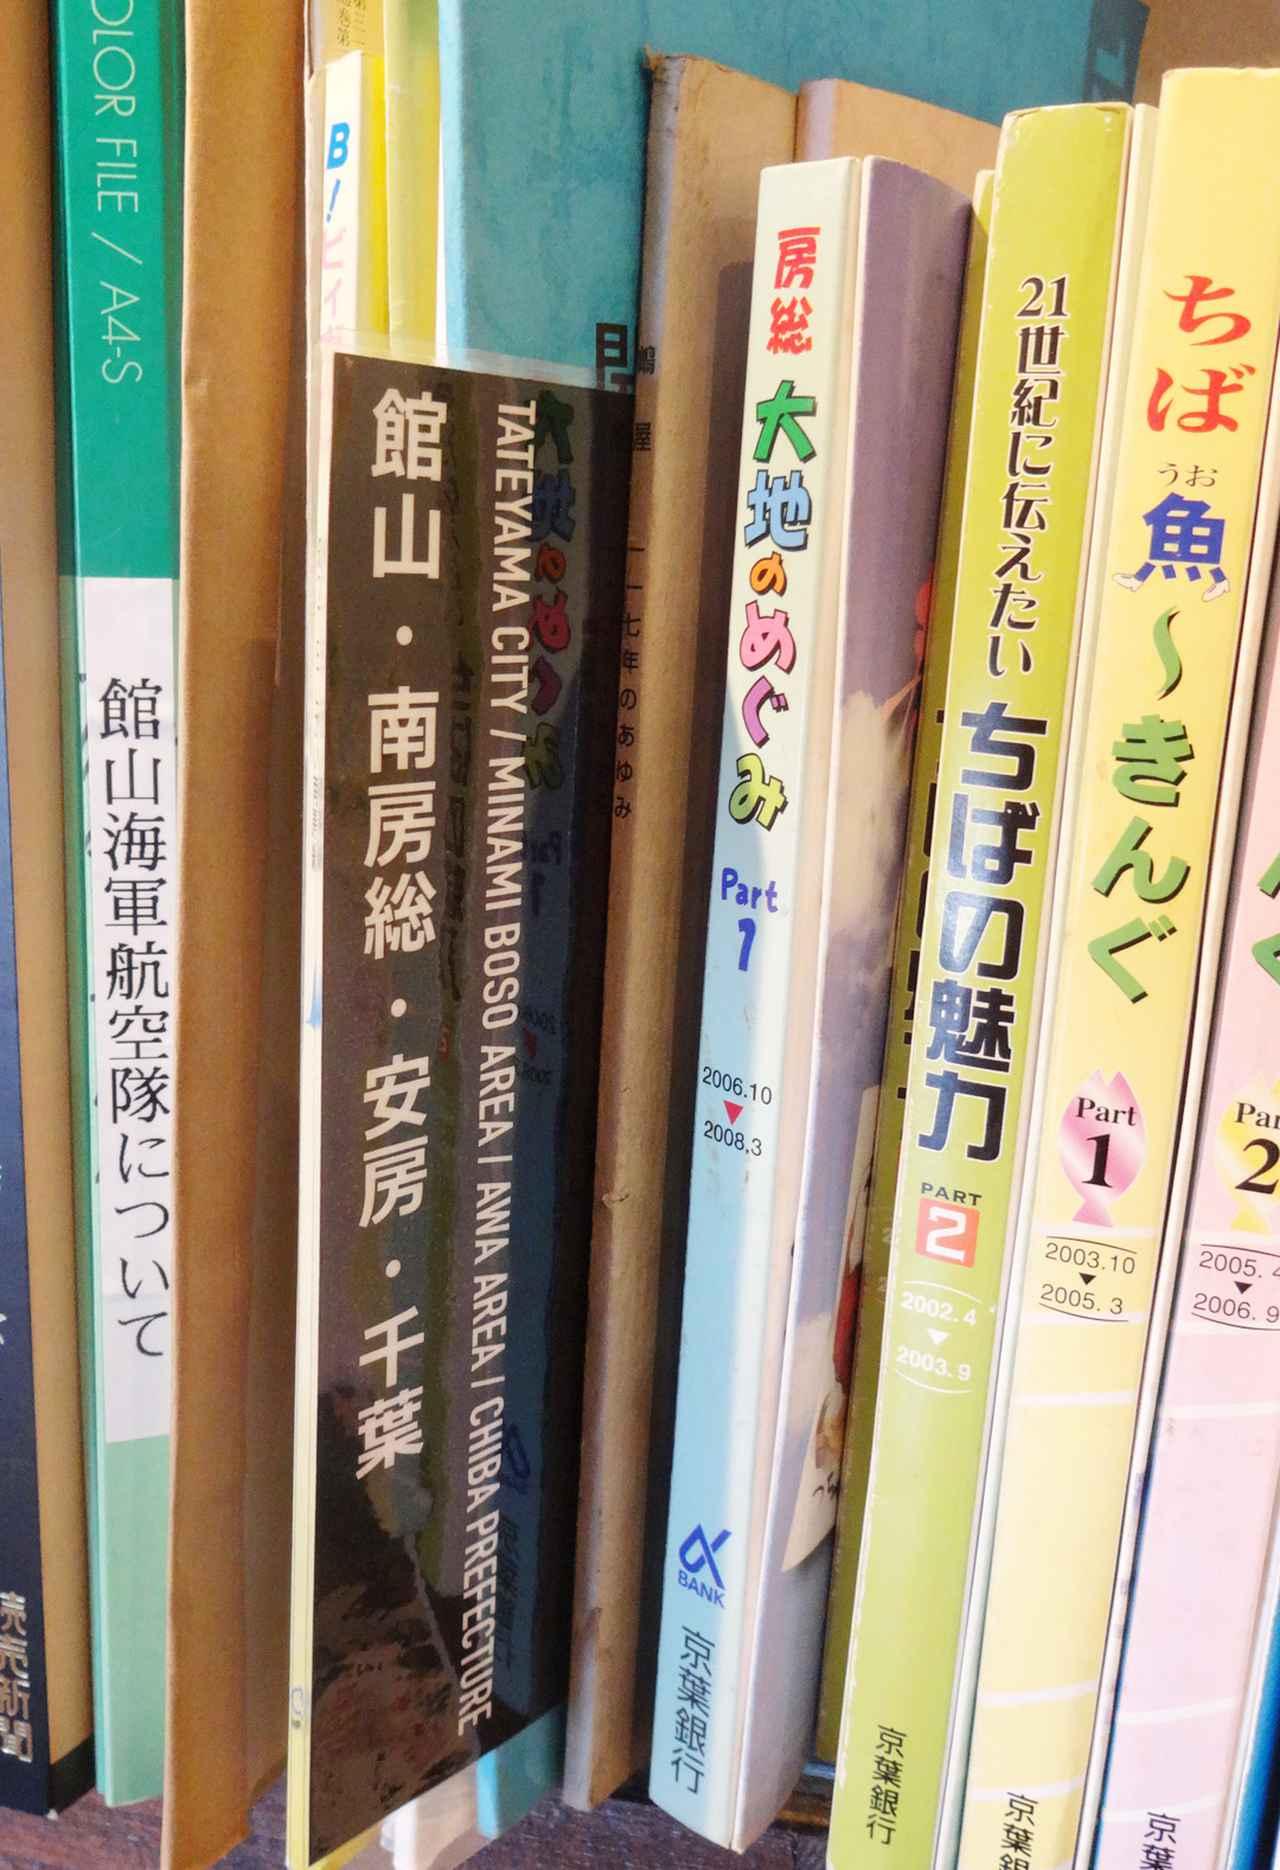 画像1: 永遠の図書室通信 第7話「館山・南房総・安房・千葉」